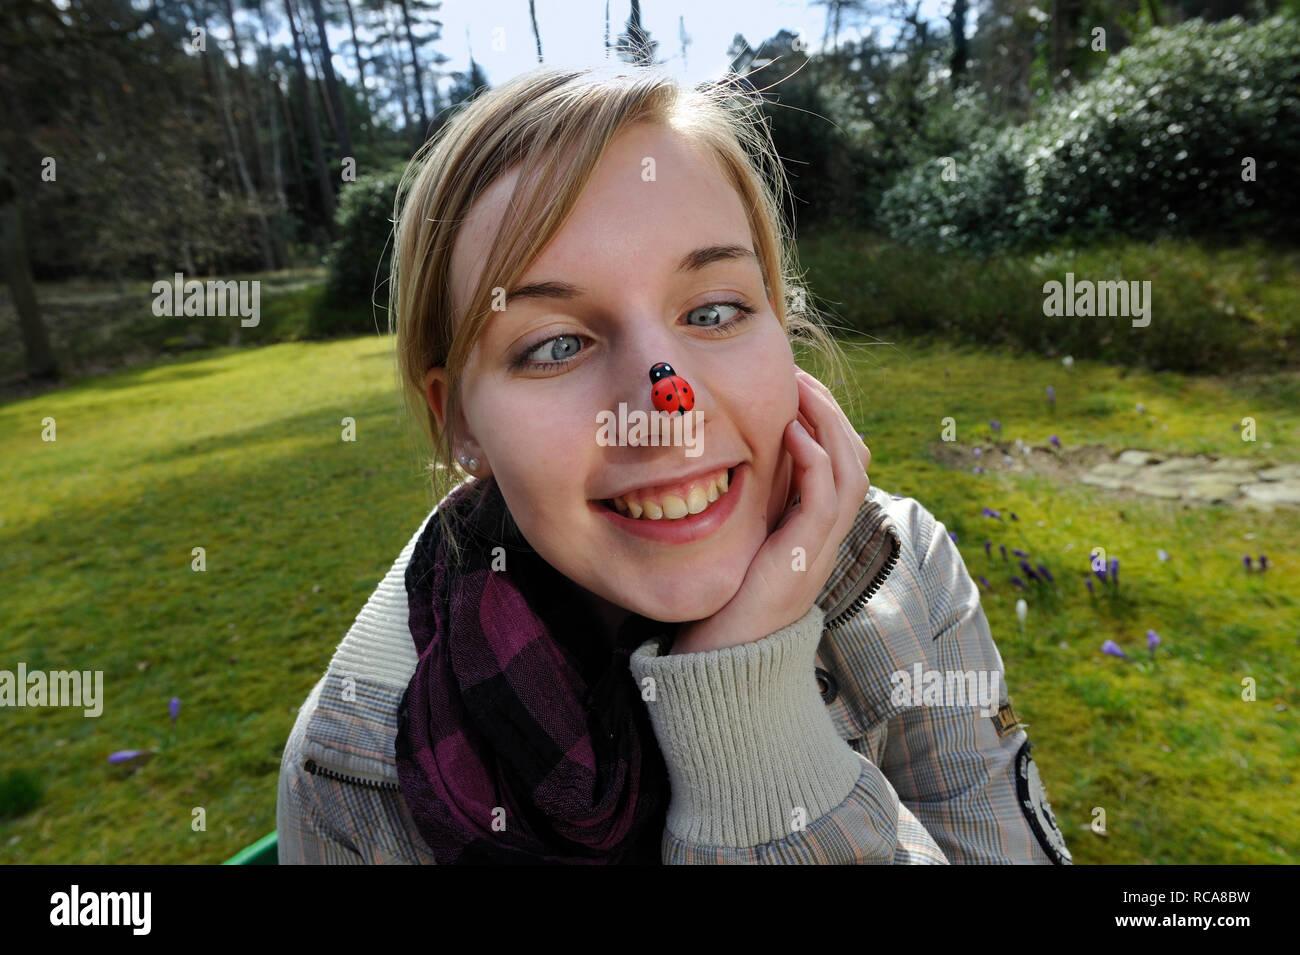 jungendliche Frau mit Marienkäfer auf der Nase | young woman having a beatle on her nose - Stock Image